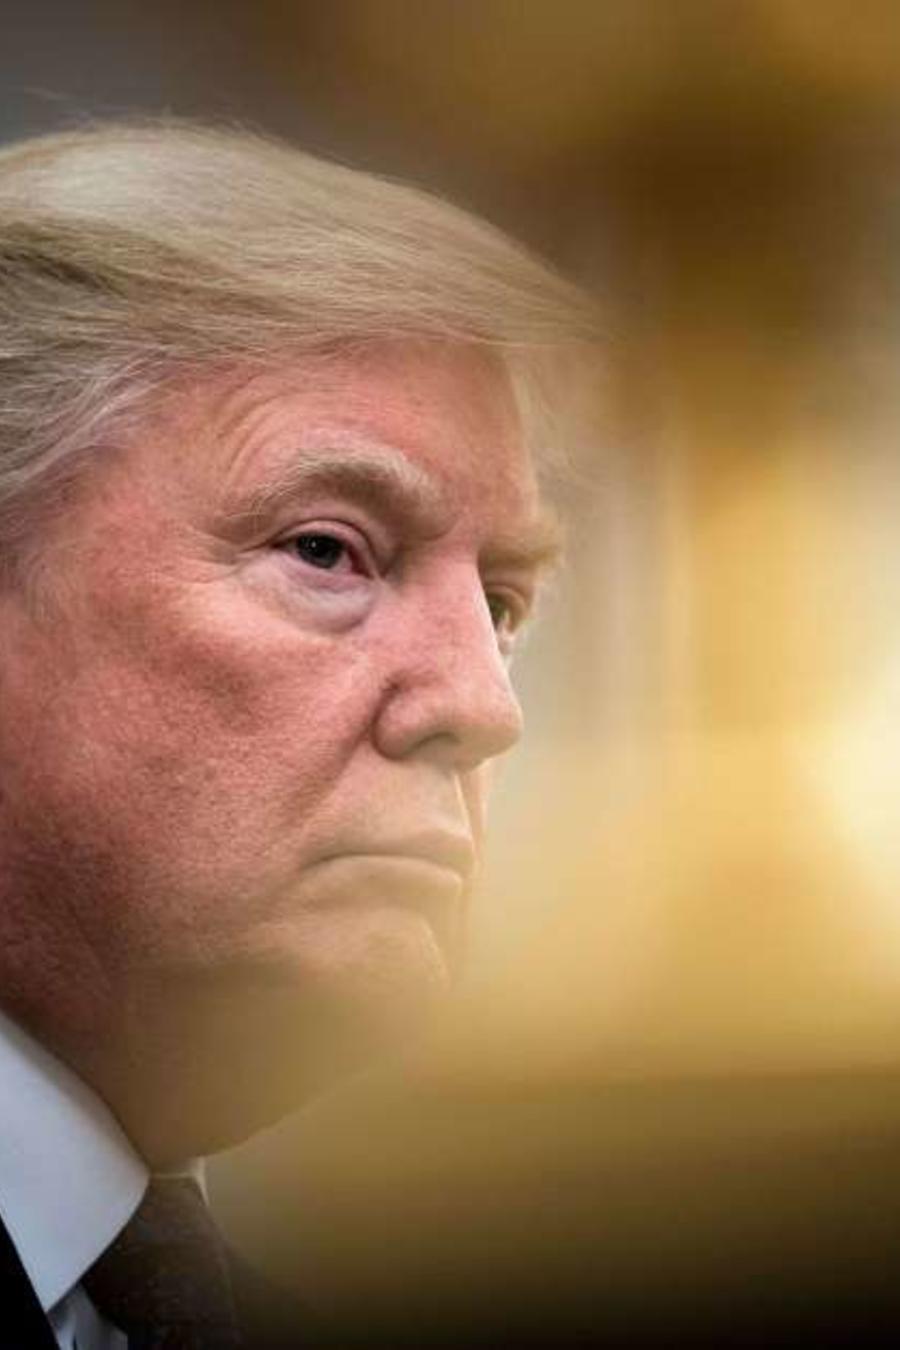 Grupos pro inmigrantes acusan al gobierno de querer mantener en secreto decisión sobre DACA